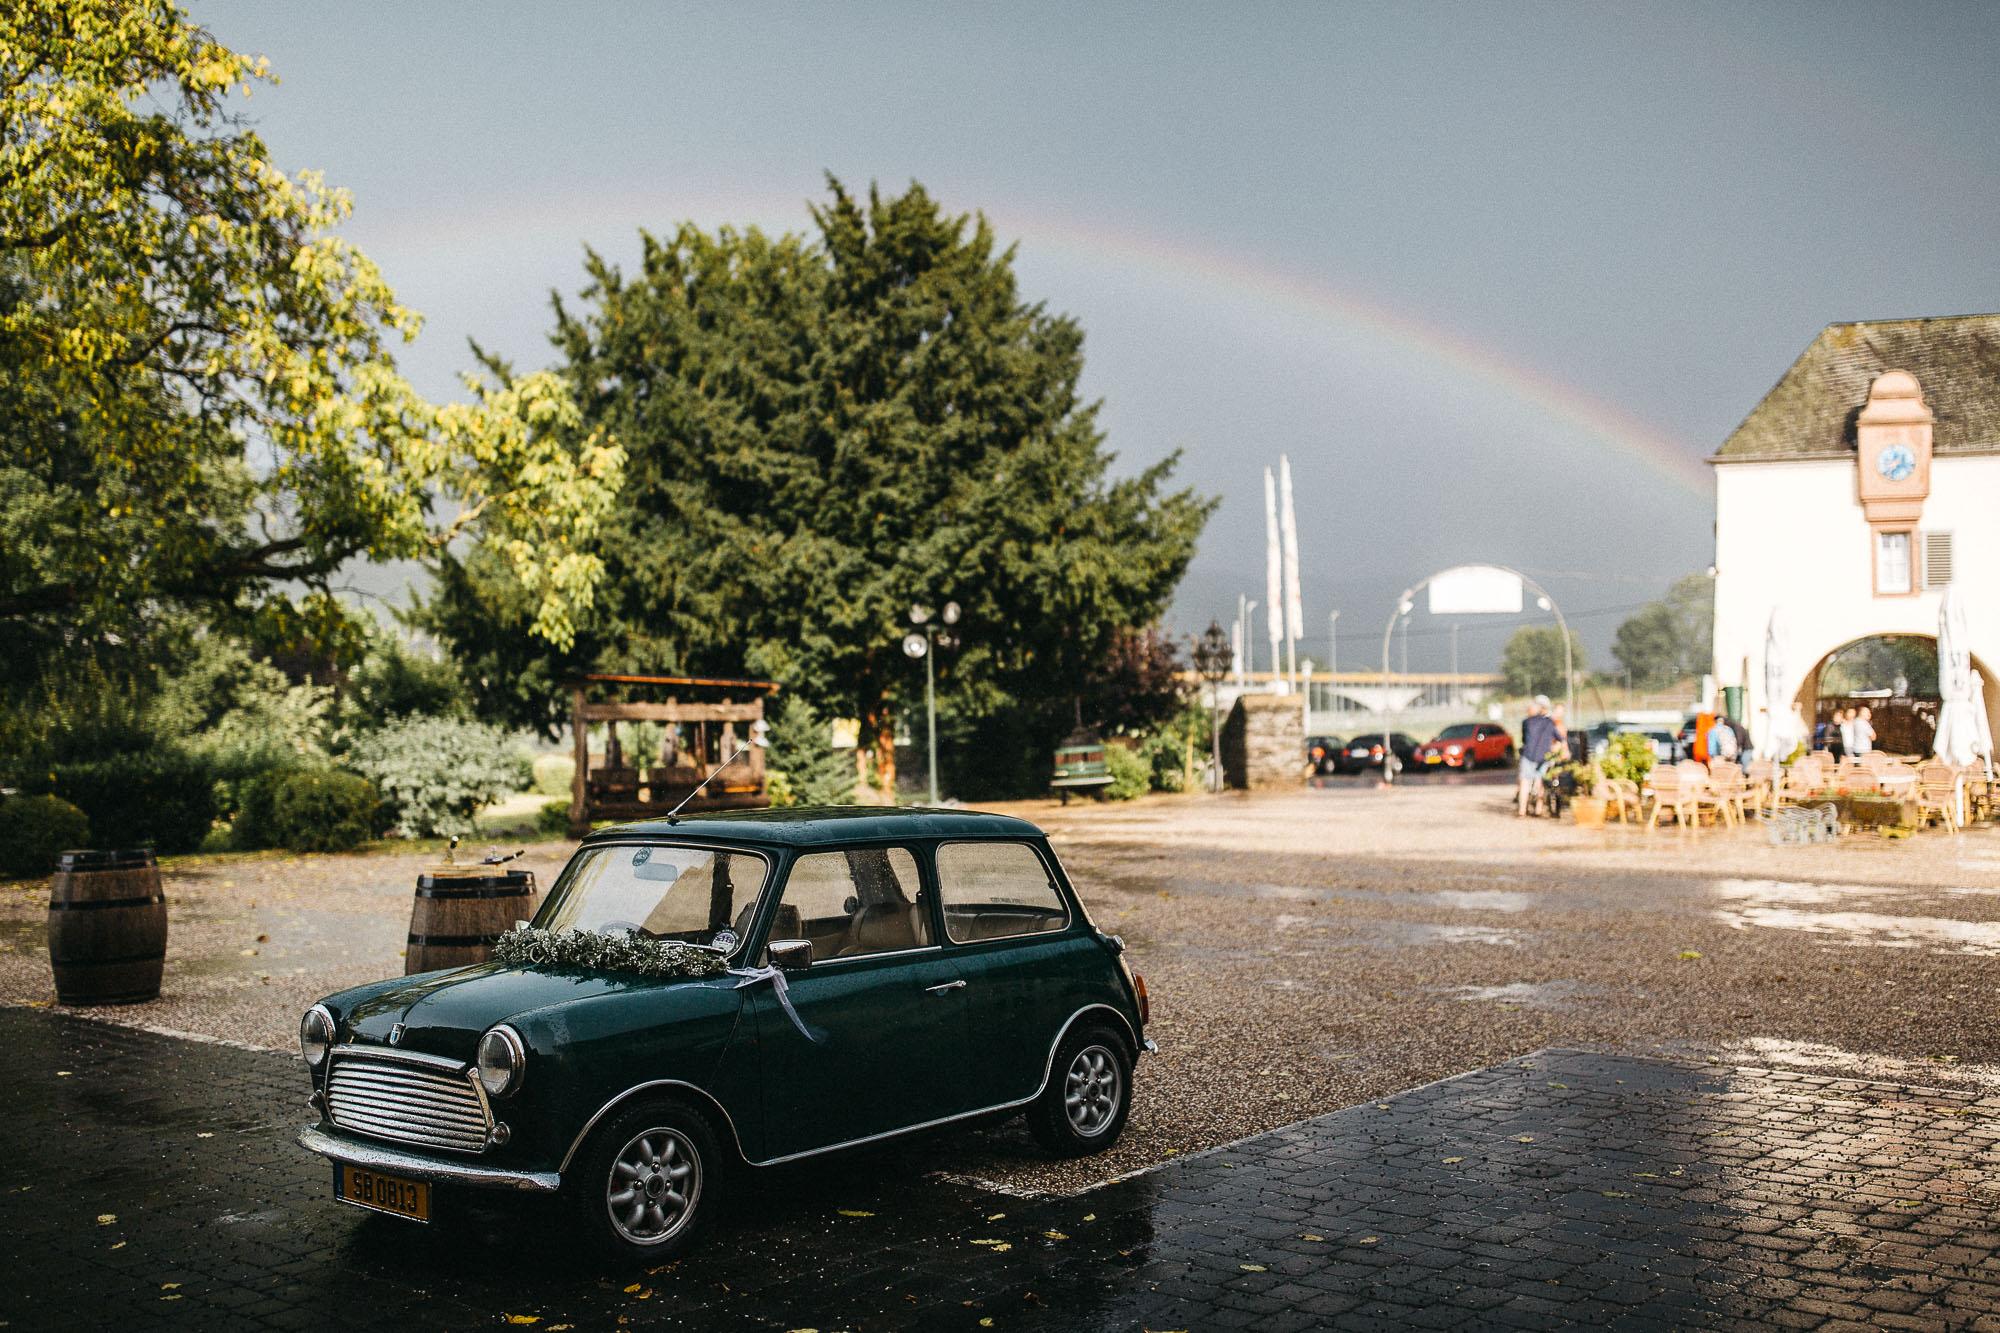 Sommerliche Regenhochzeit in Rheinland-Pfalz. Regenbogen über der Mosel.